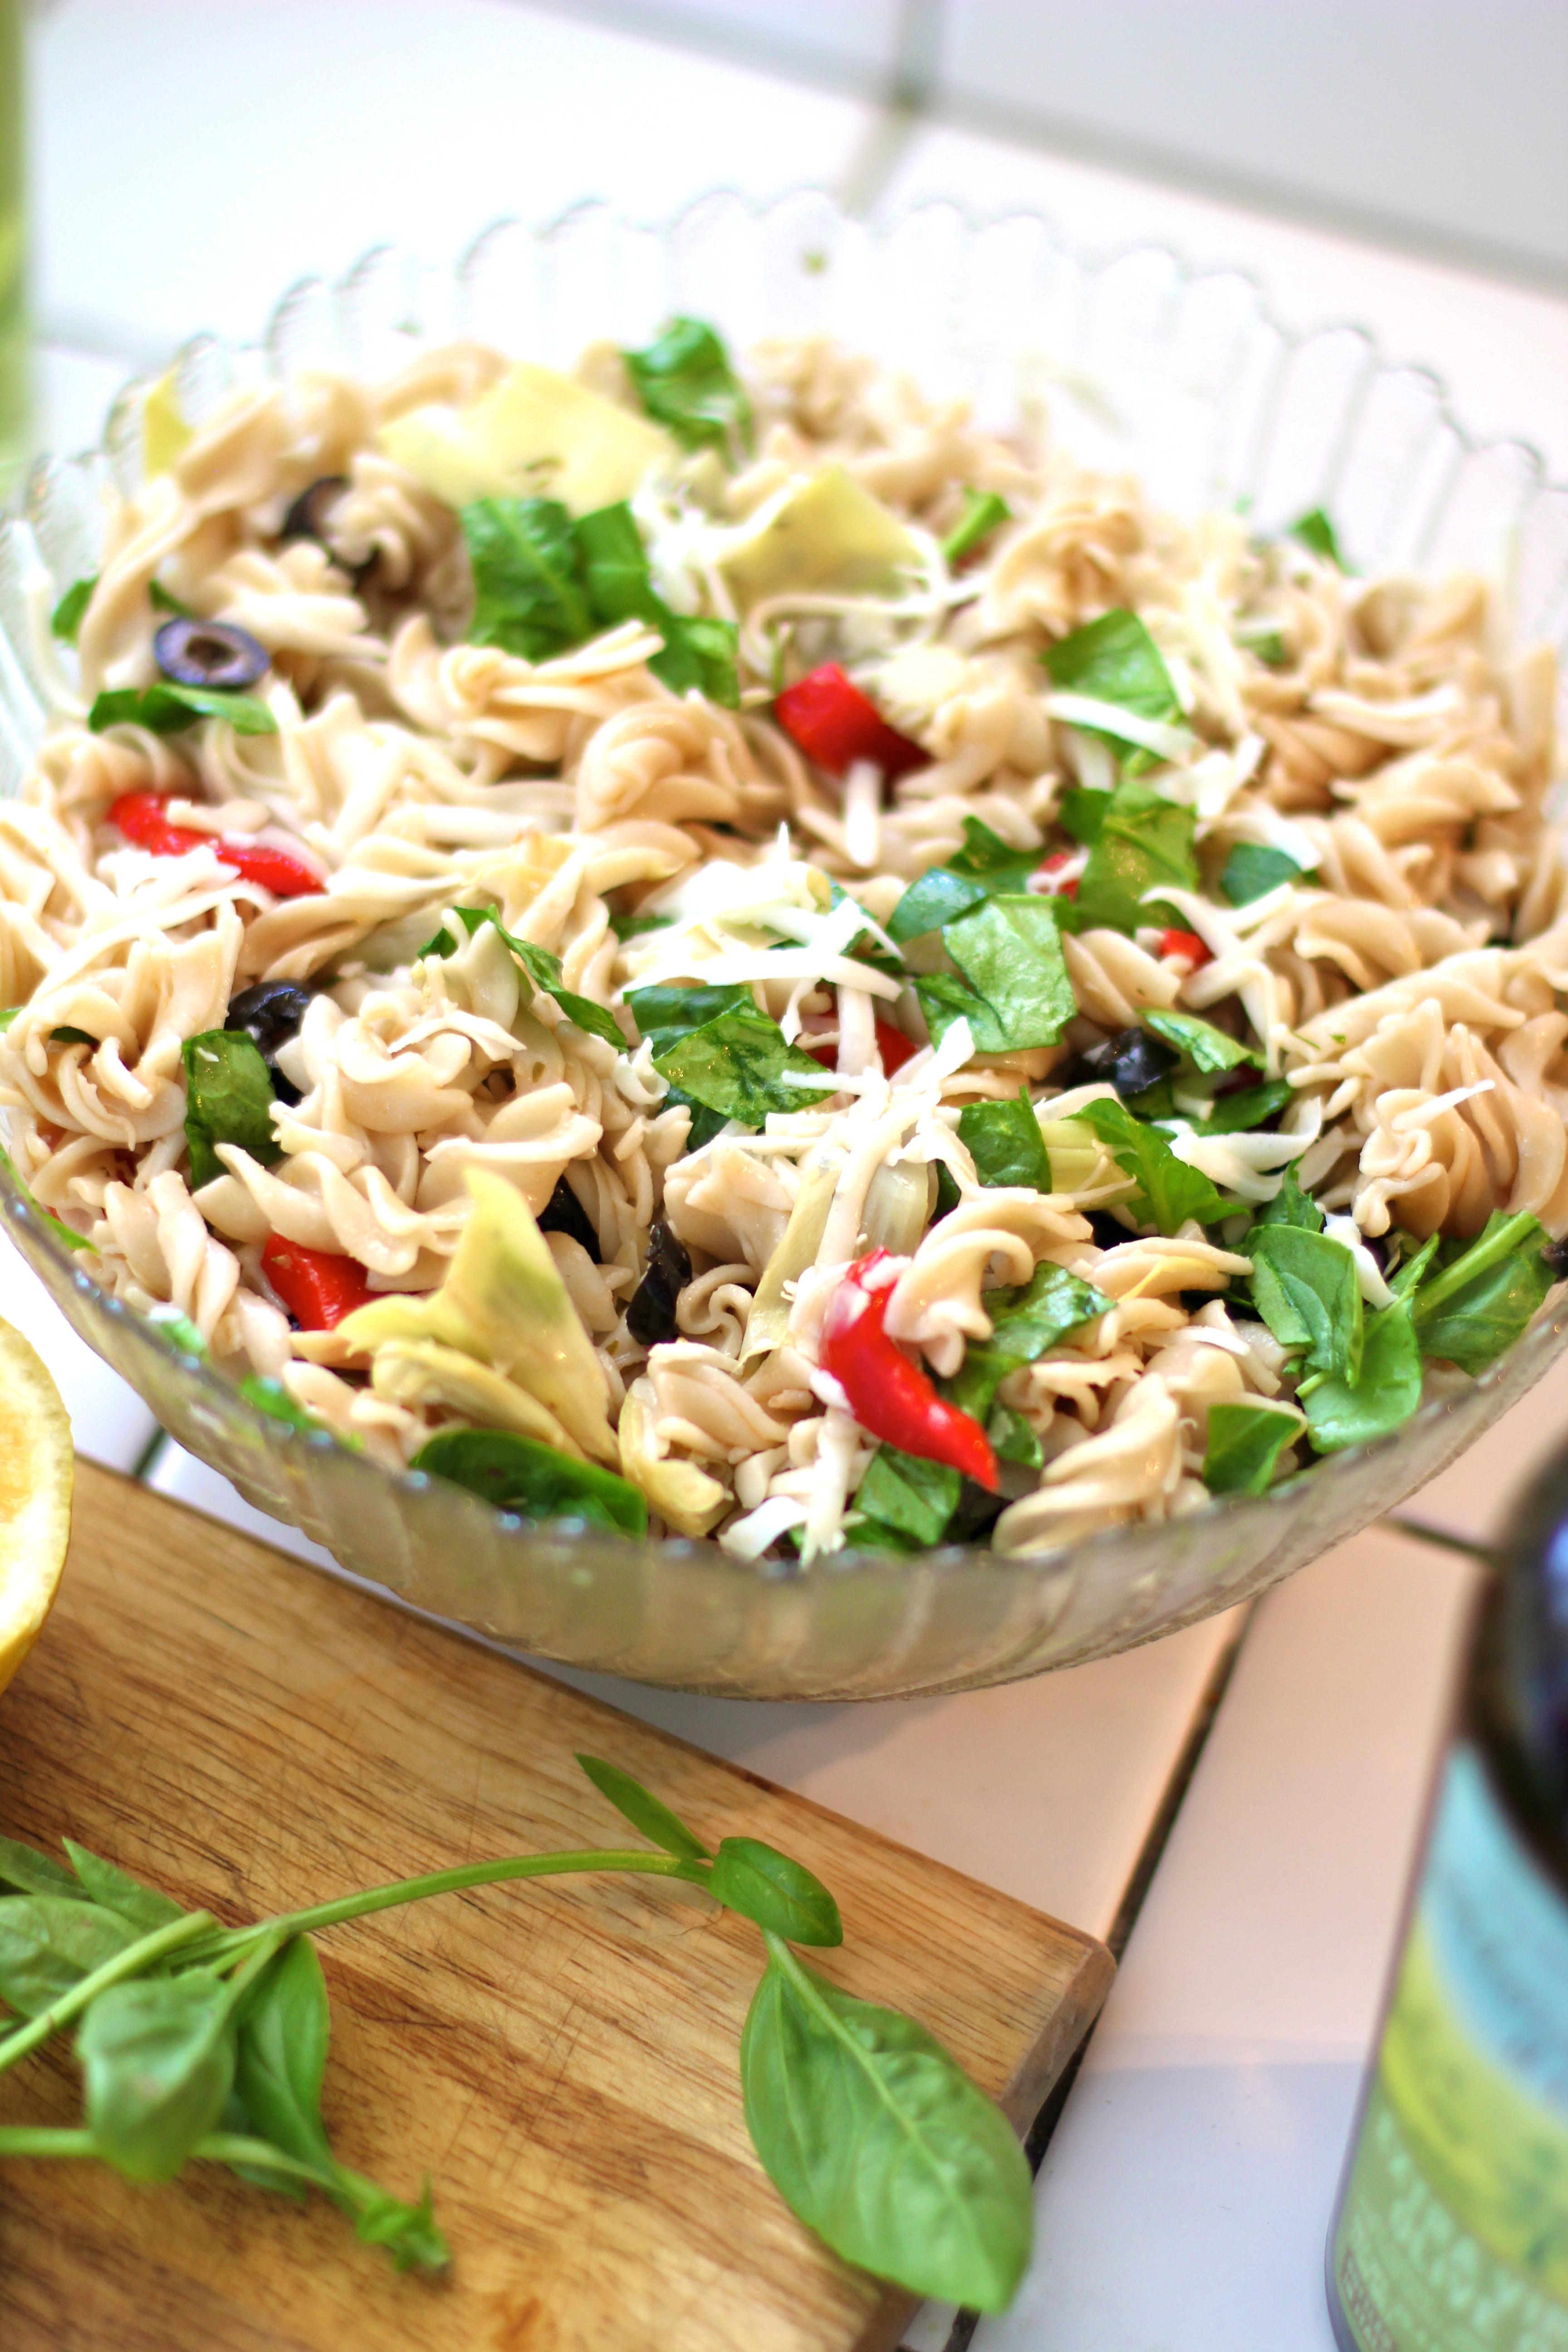 Dairy Free Pasta Salad  Mediterranean Pasta Salad A Gluten Free Dairy Free Full